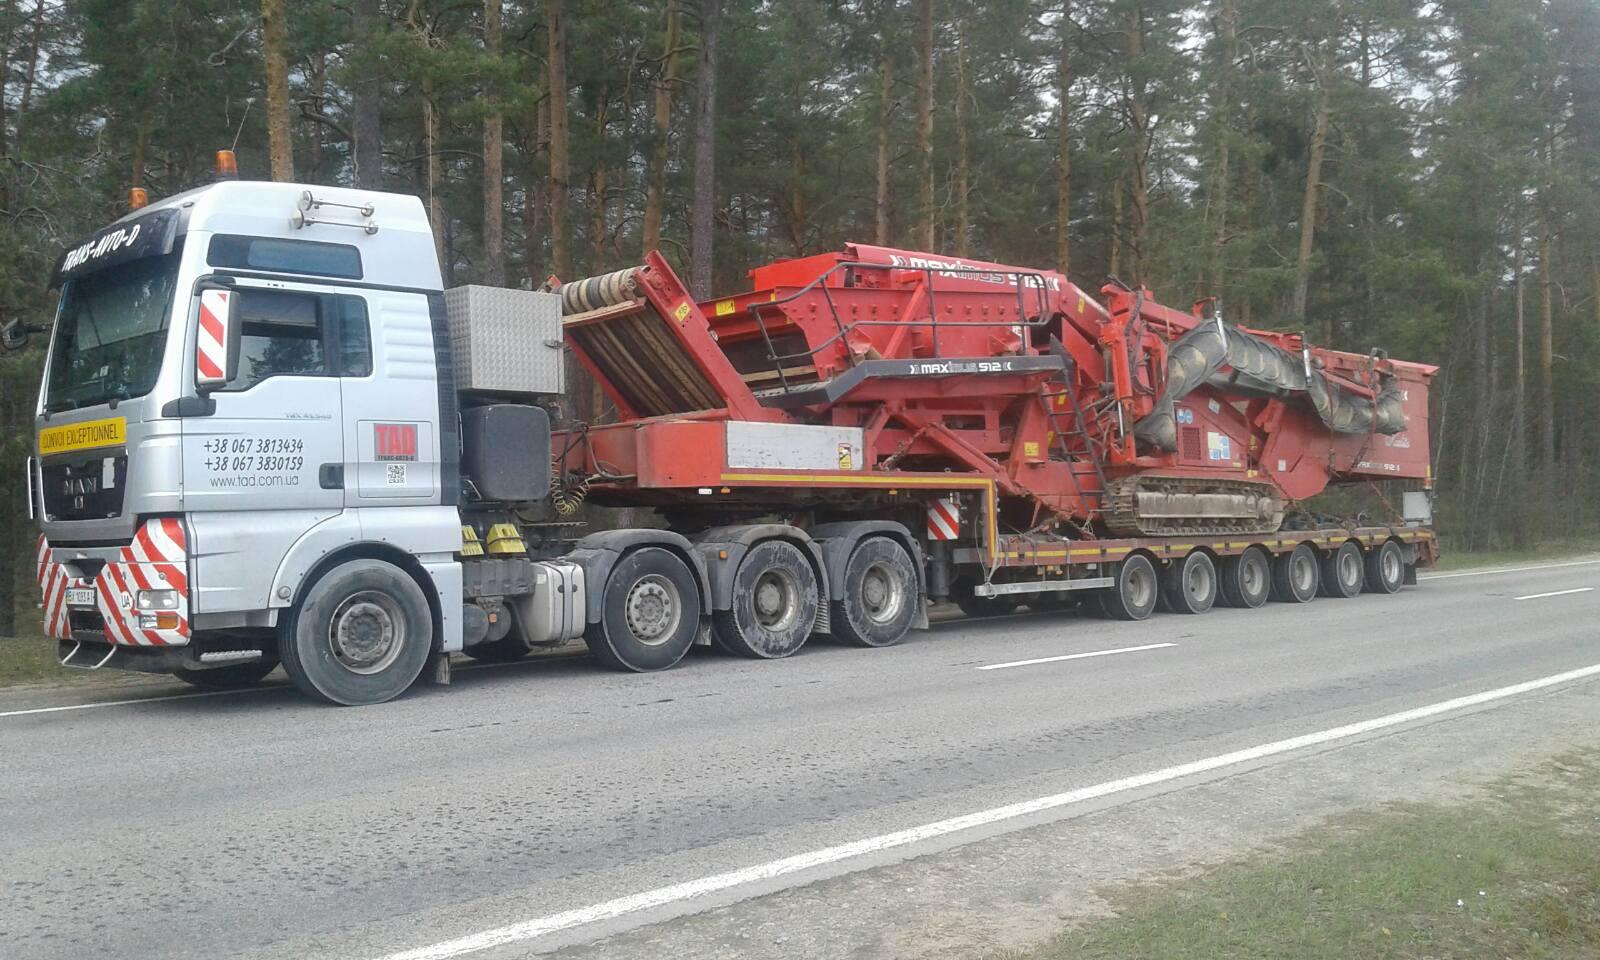 Transportation of road special equipment